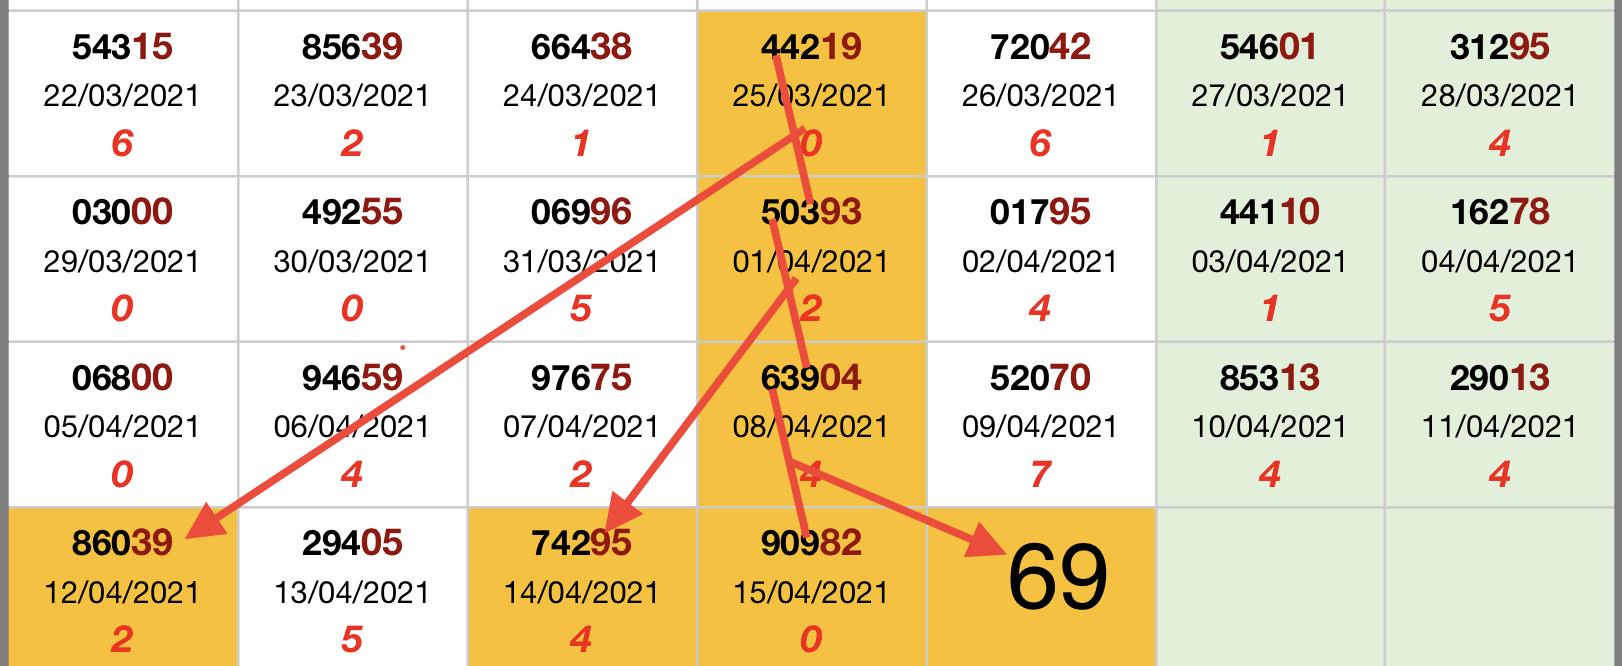 D68A0468-E914-4A6D-935A-925A9752F116.jpeg